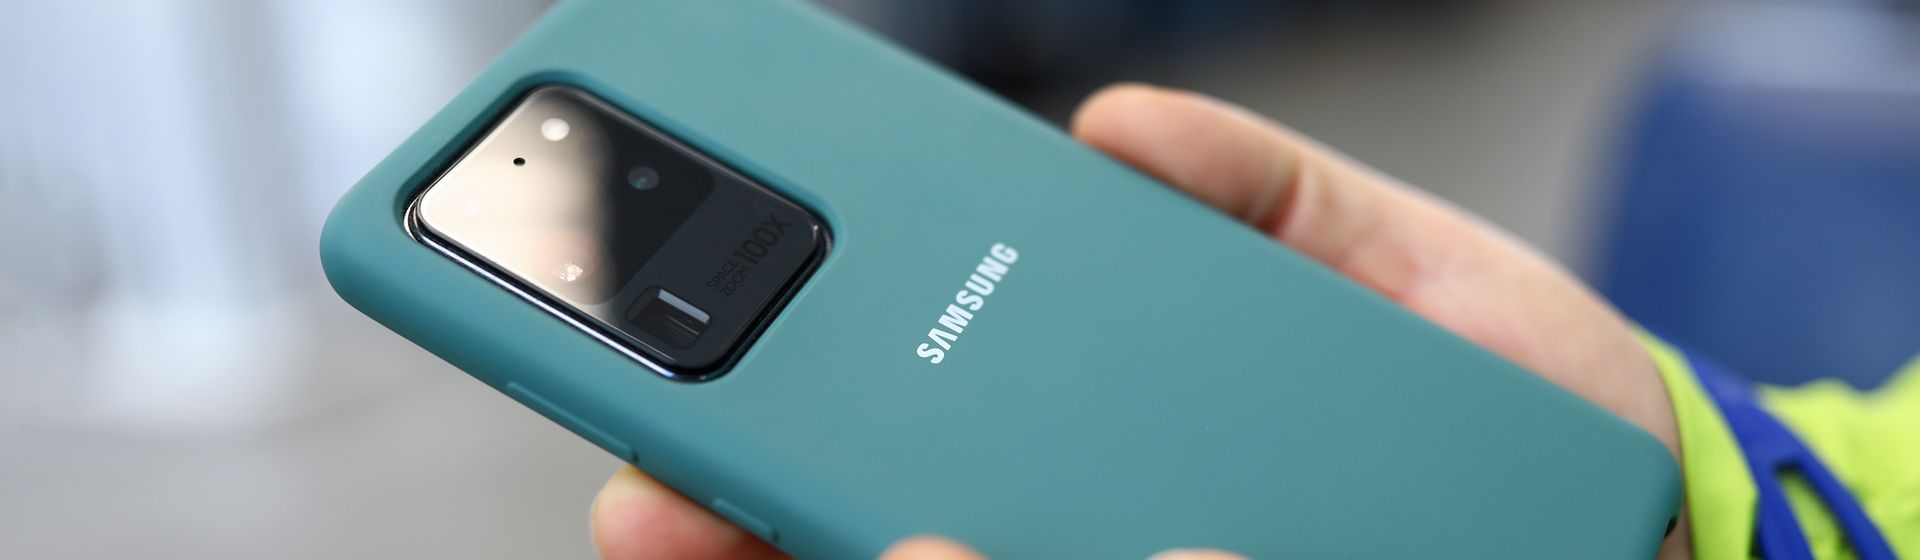 Melhor celular Samsung em 2020: 12 modelos para comprar no Brasil